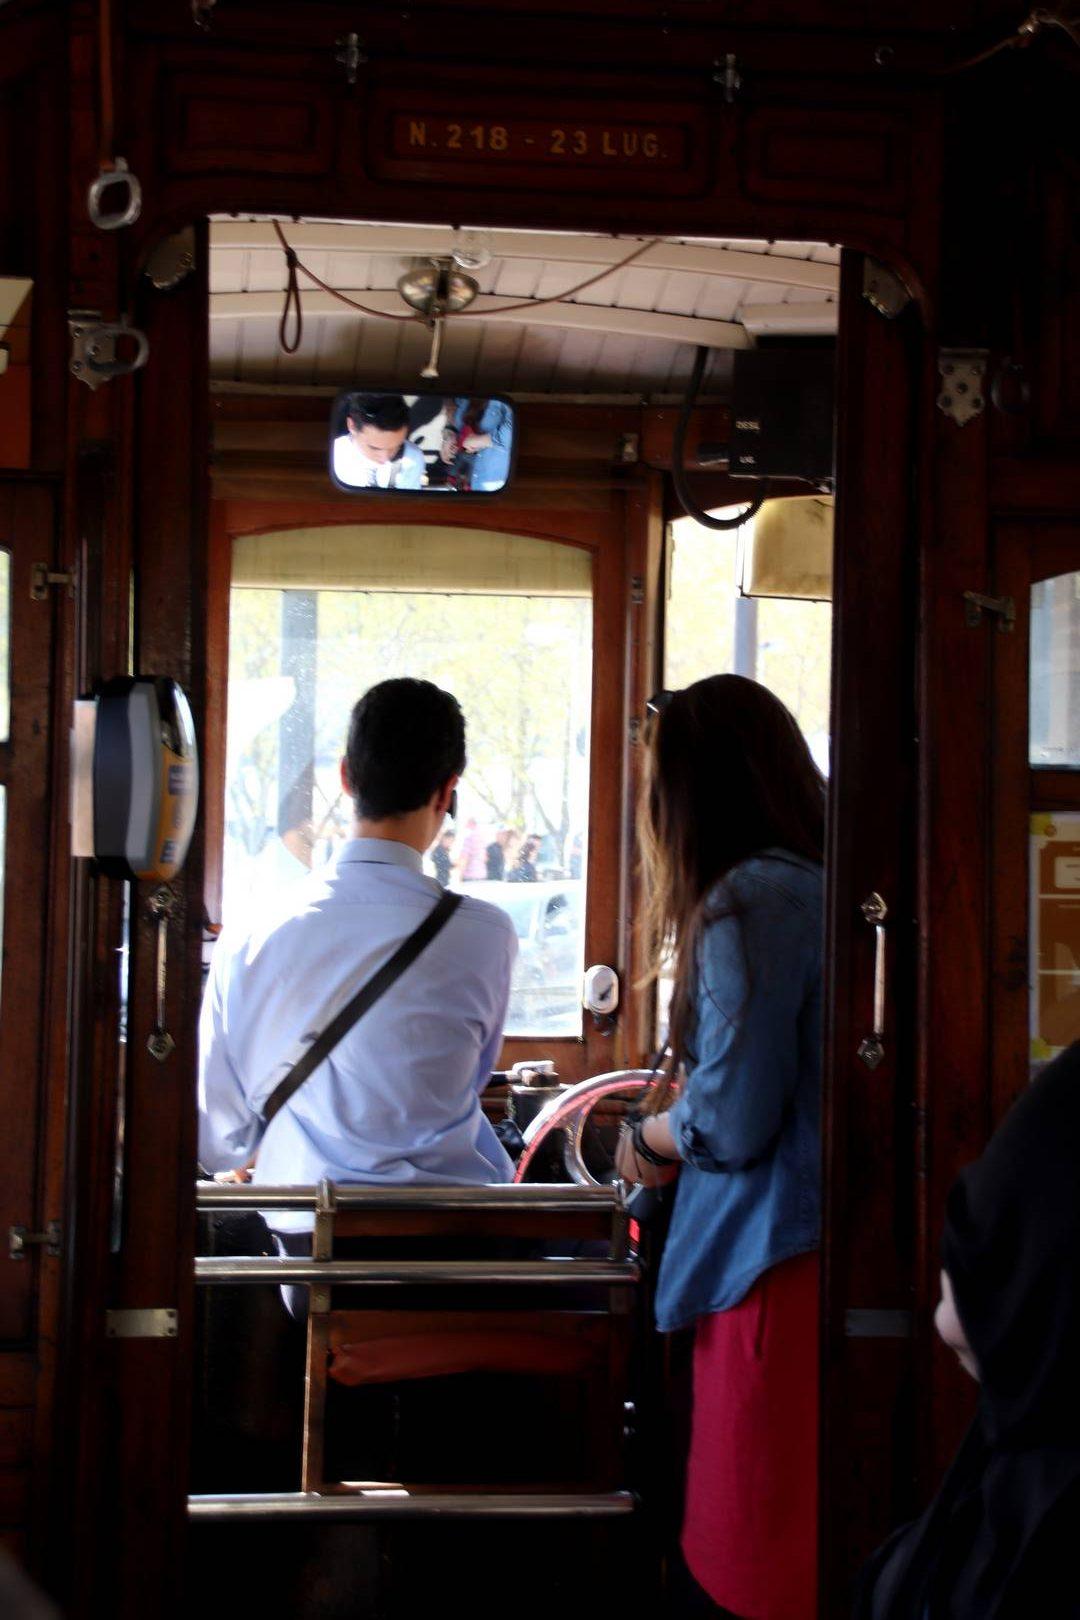 Portugal - Le tramway de Porto